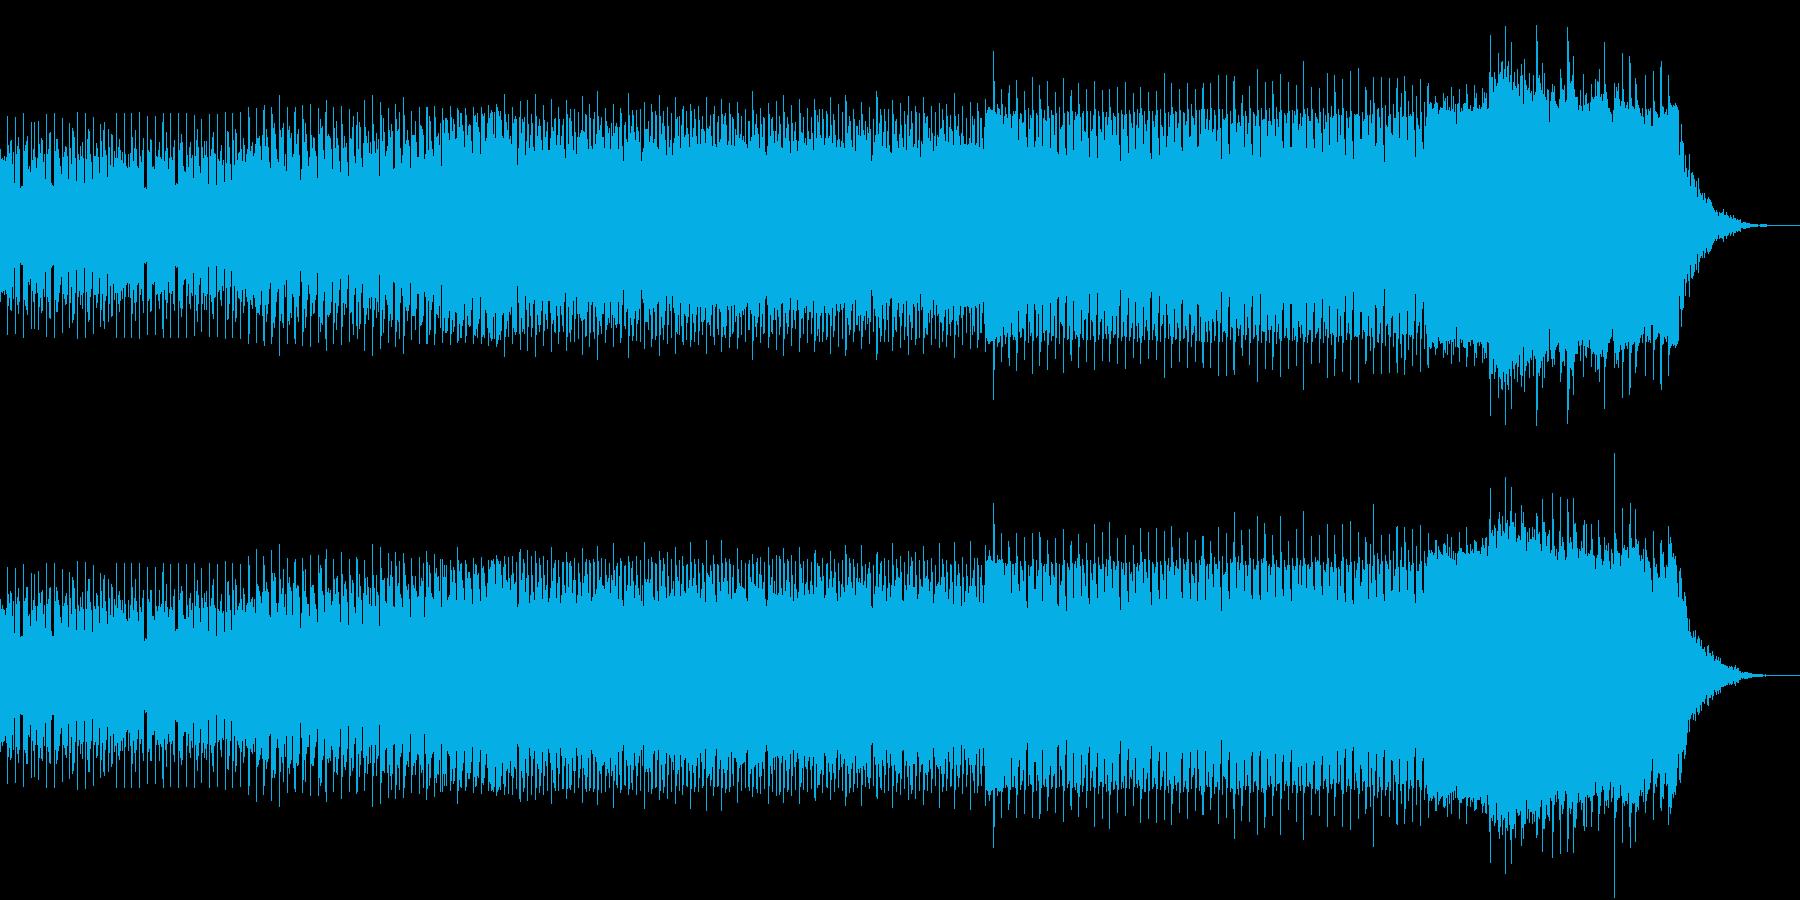 ニュース 報道 事件 EDM 迷走 迷路の再生済みの波形